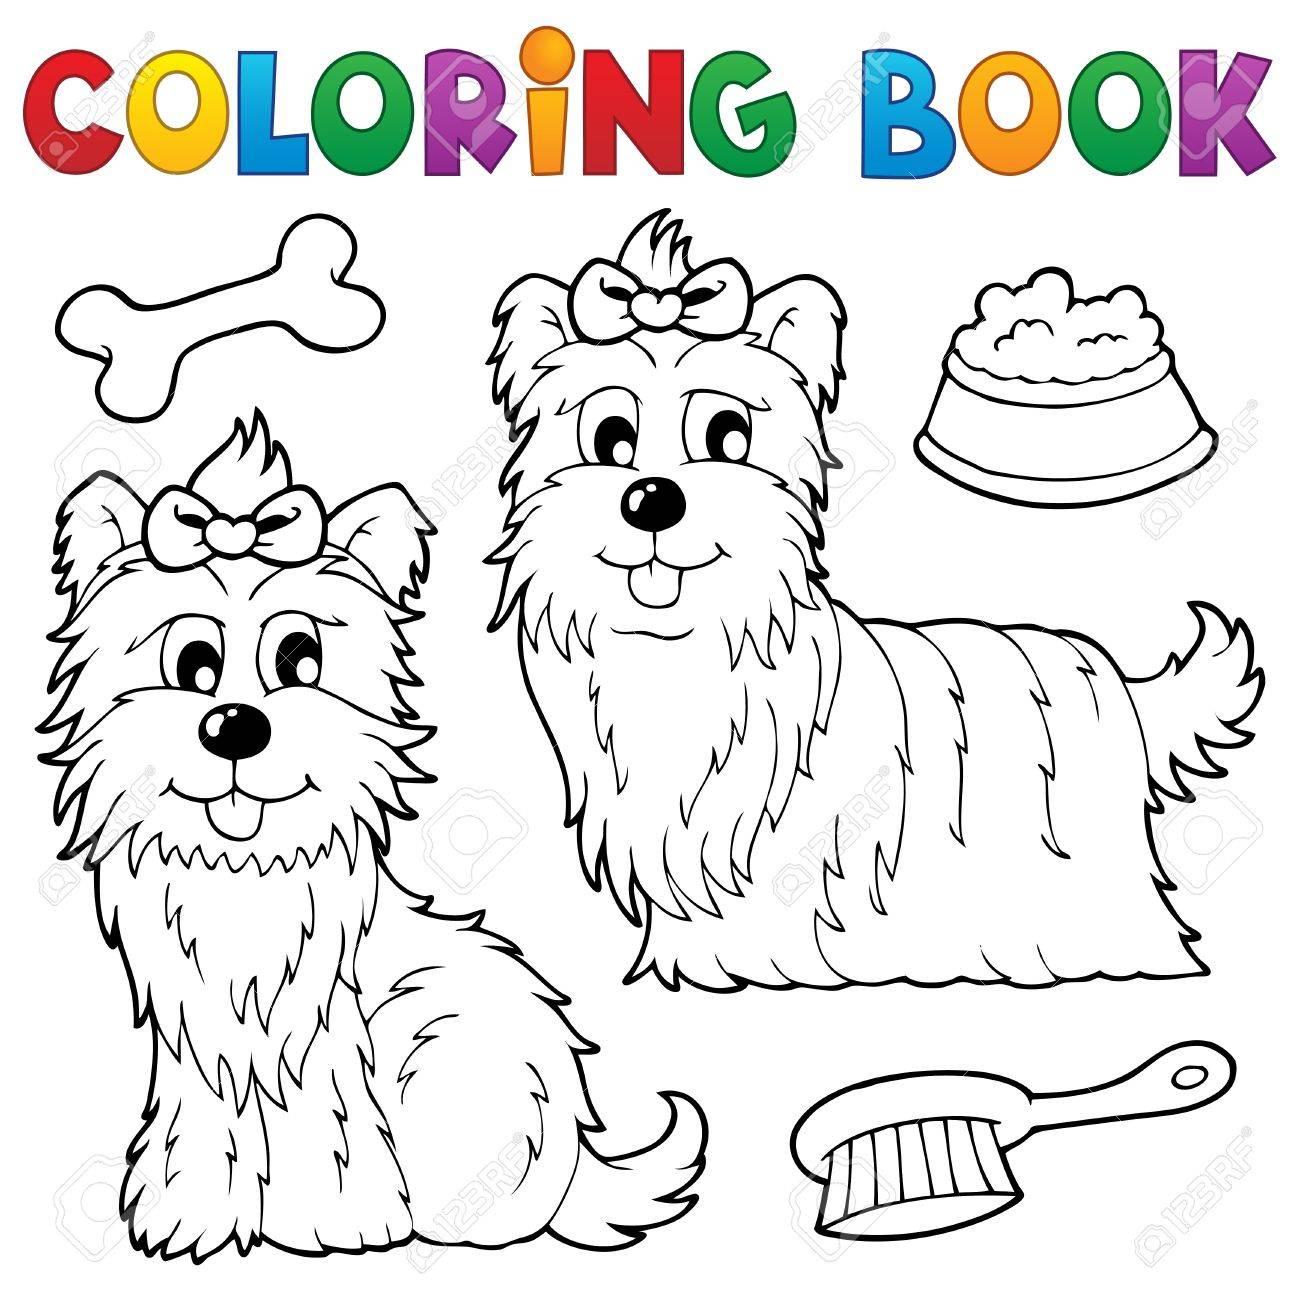 Dibujos Para Colorear De Cachorros De Perros. Perfect Haz Click En ...